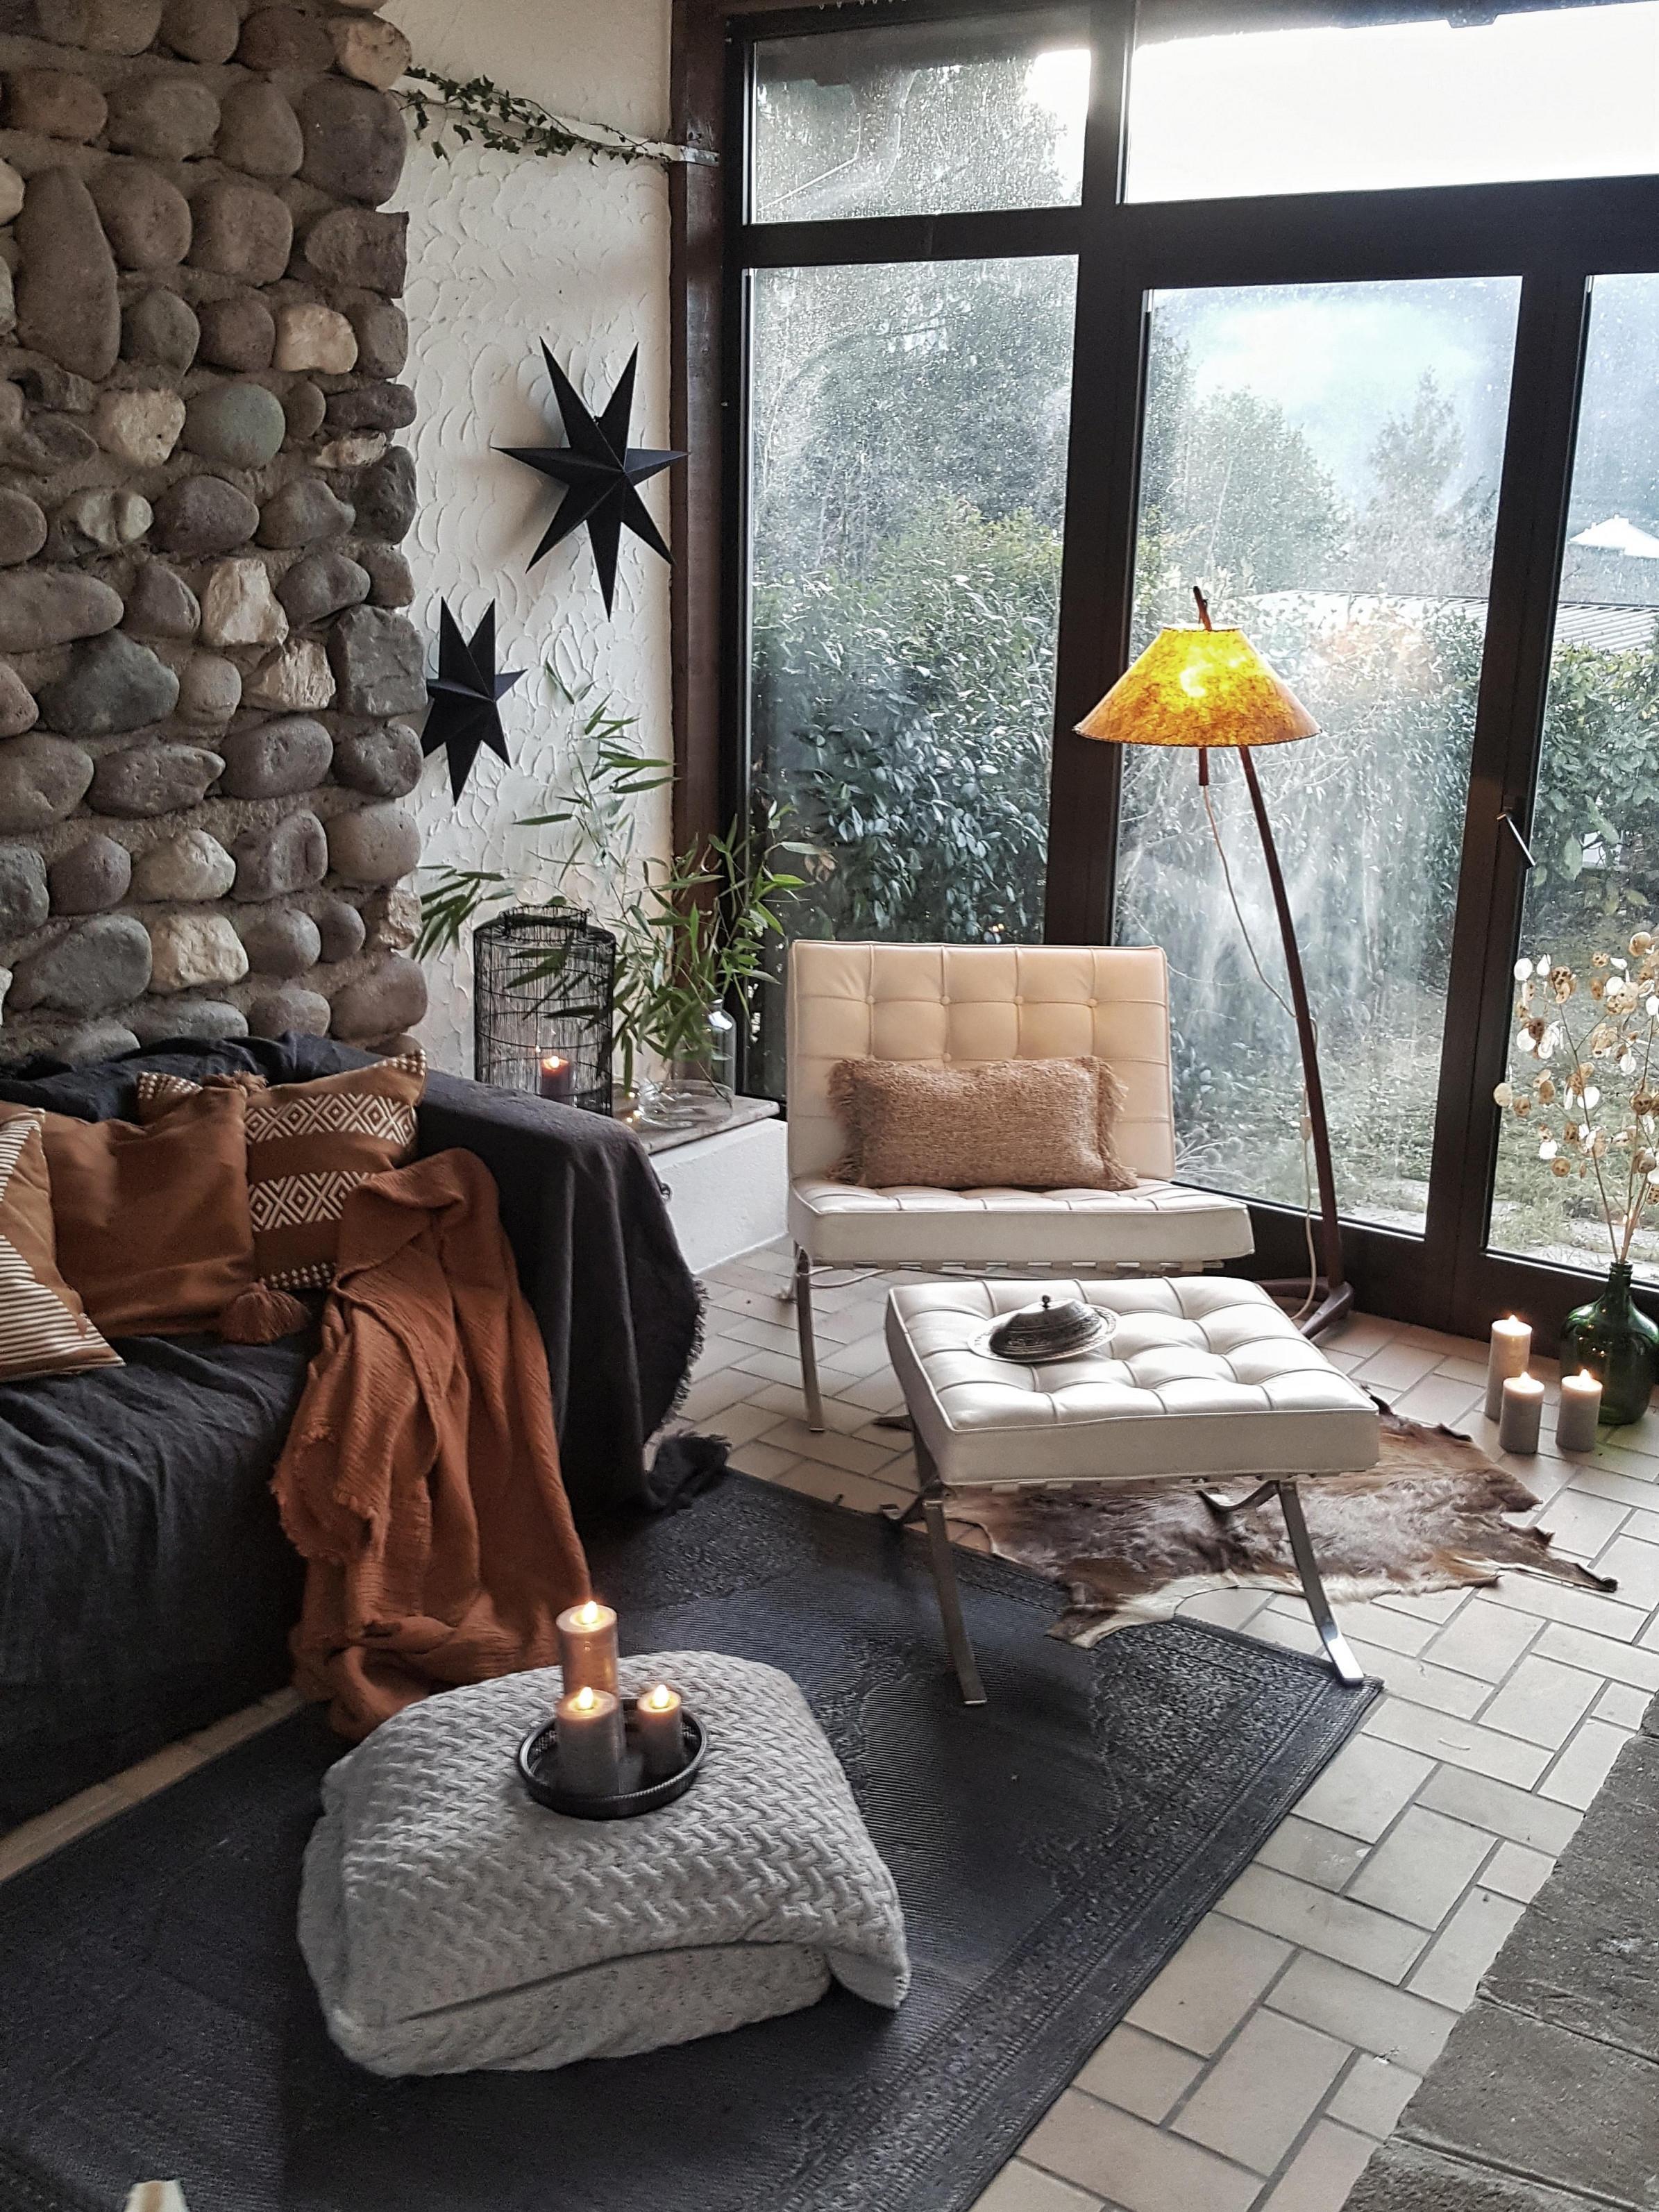 Wohnzimmer Deko Ideen Rustikal – Caseconrad von Wohnzimmer Ideen Rustikal Photo